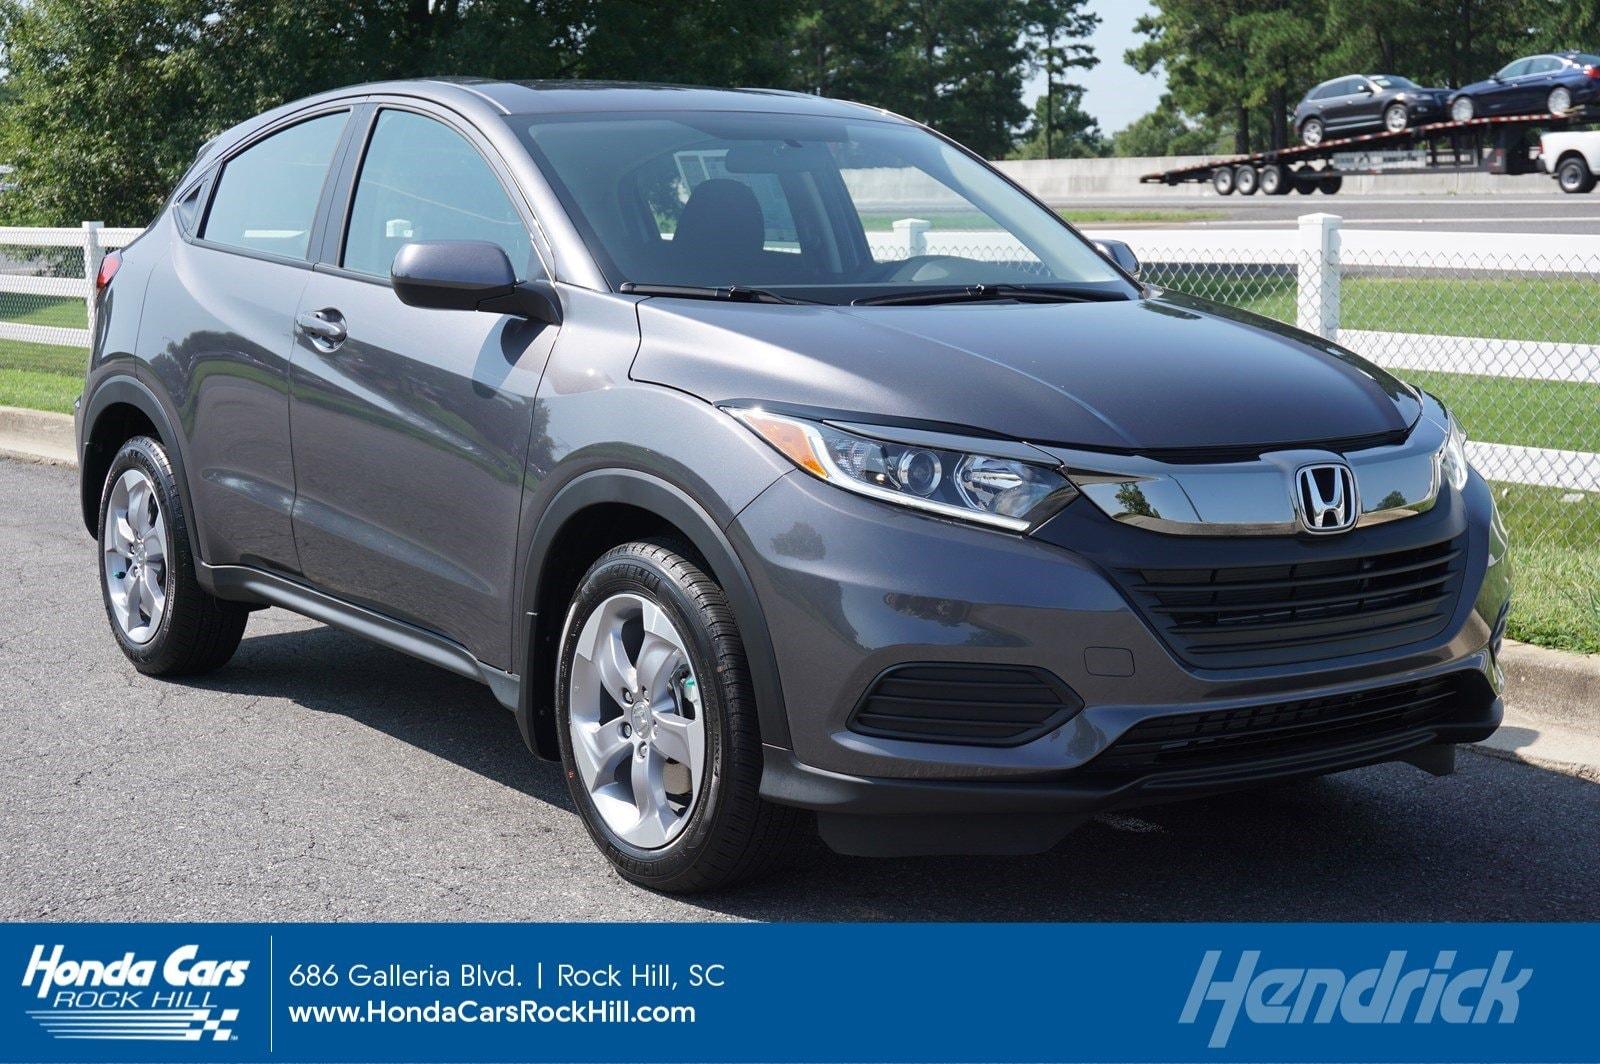 2019 Honda HR-V SUV